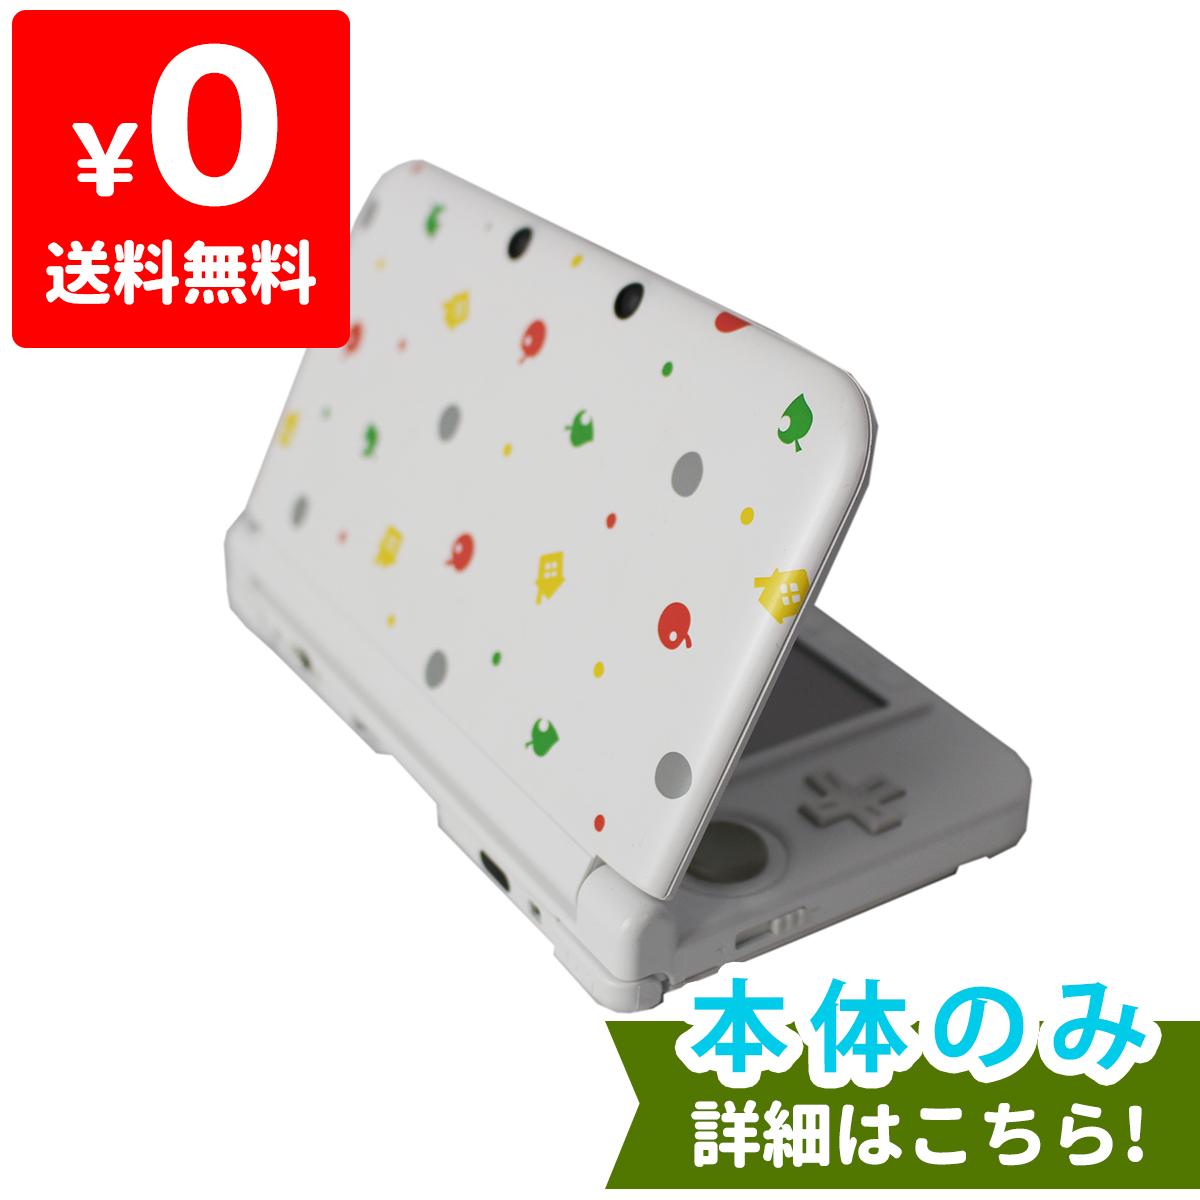 3DSLL ニンテンドー3DS LL とびだせ どうぶつの森パック 本体のみ タッチペン付き Nintendo 任天堂 ニンテンドー 中古 4902370520002 送料無料 【中古】